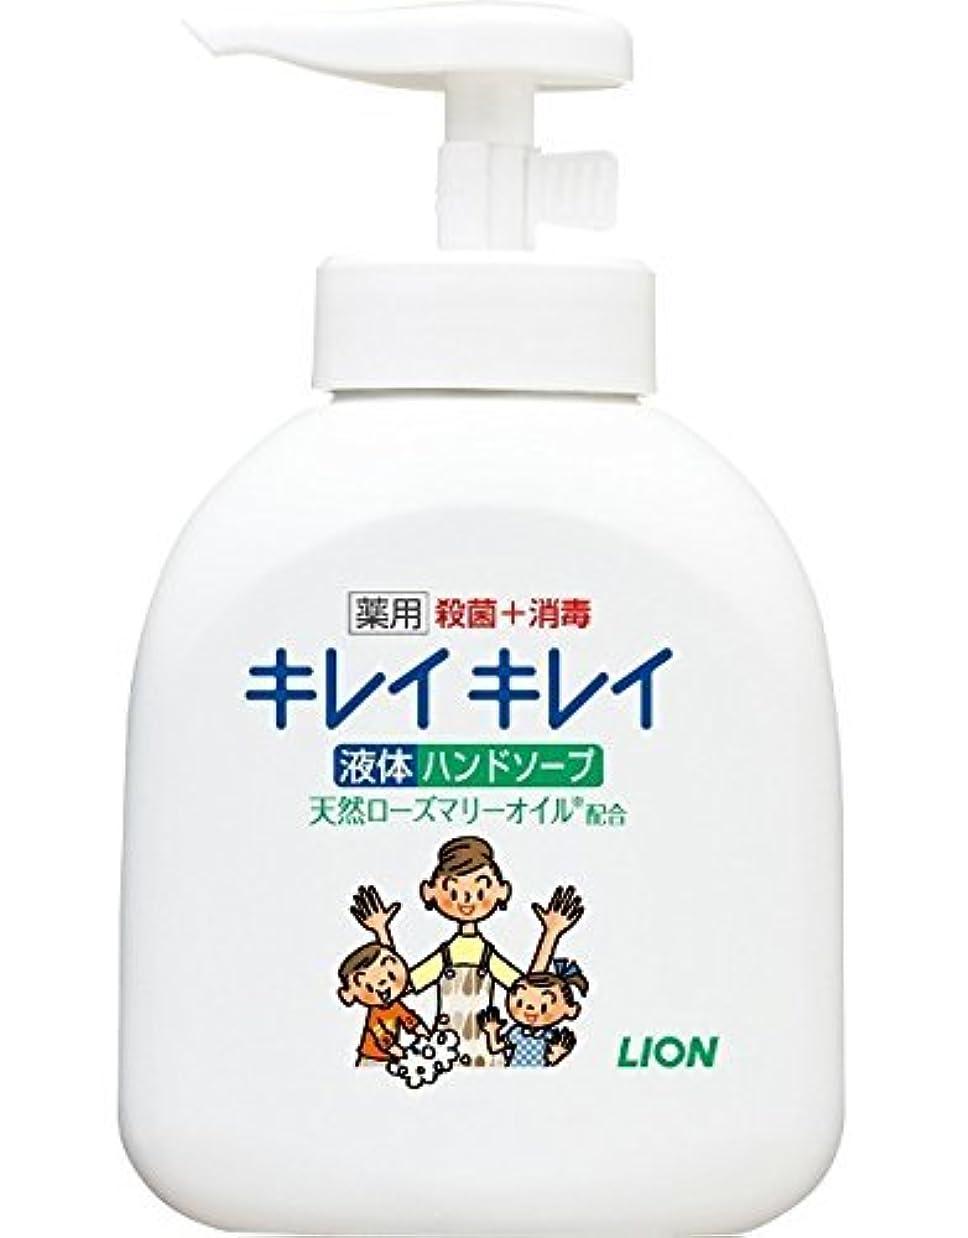 すり減る引き算回想【ライオン】キレイキレイ薬用液体ハンドソープ 本体ポンプ 250ml ×10個セット